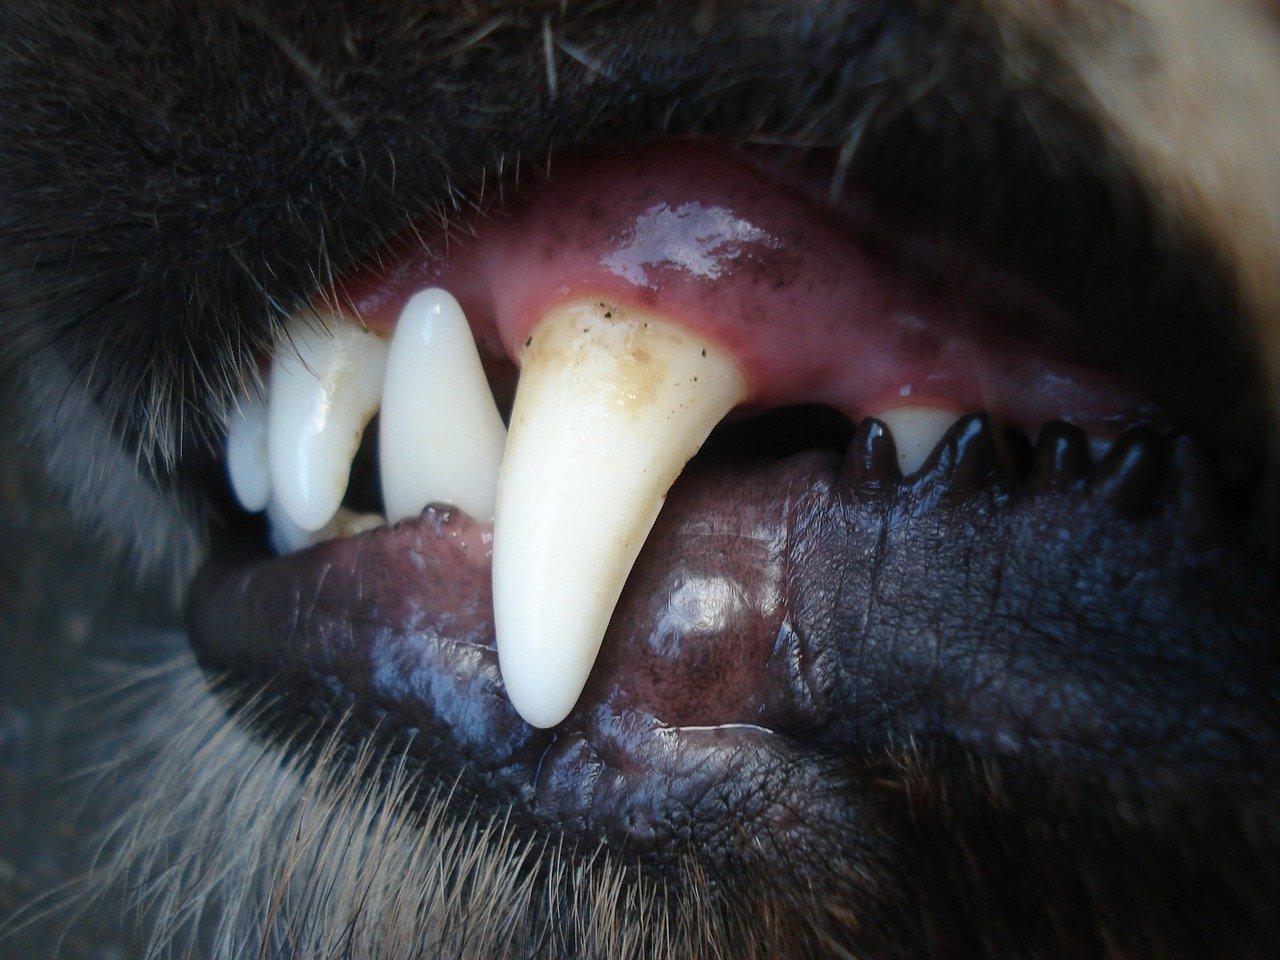 Pulizia denti del cane: come eseguirla perfettamente